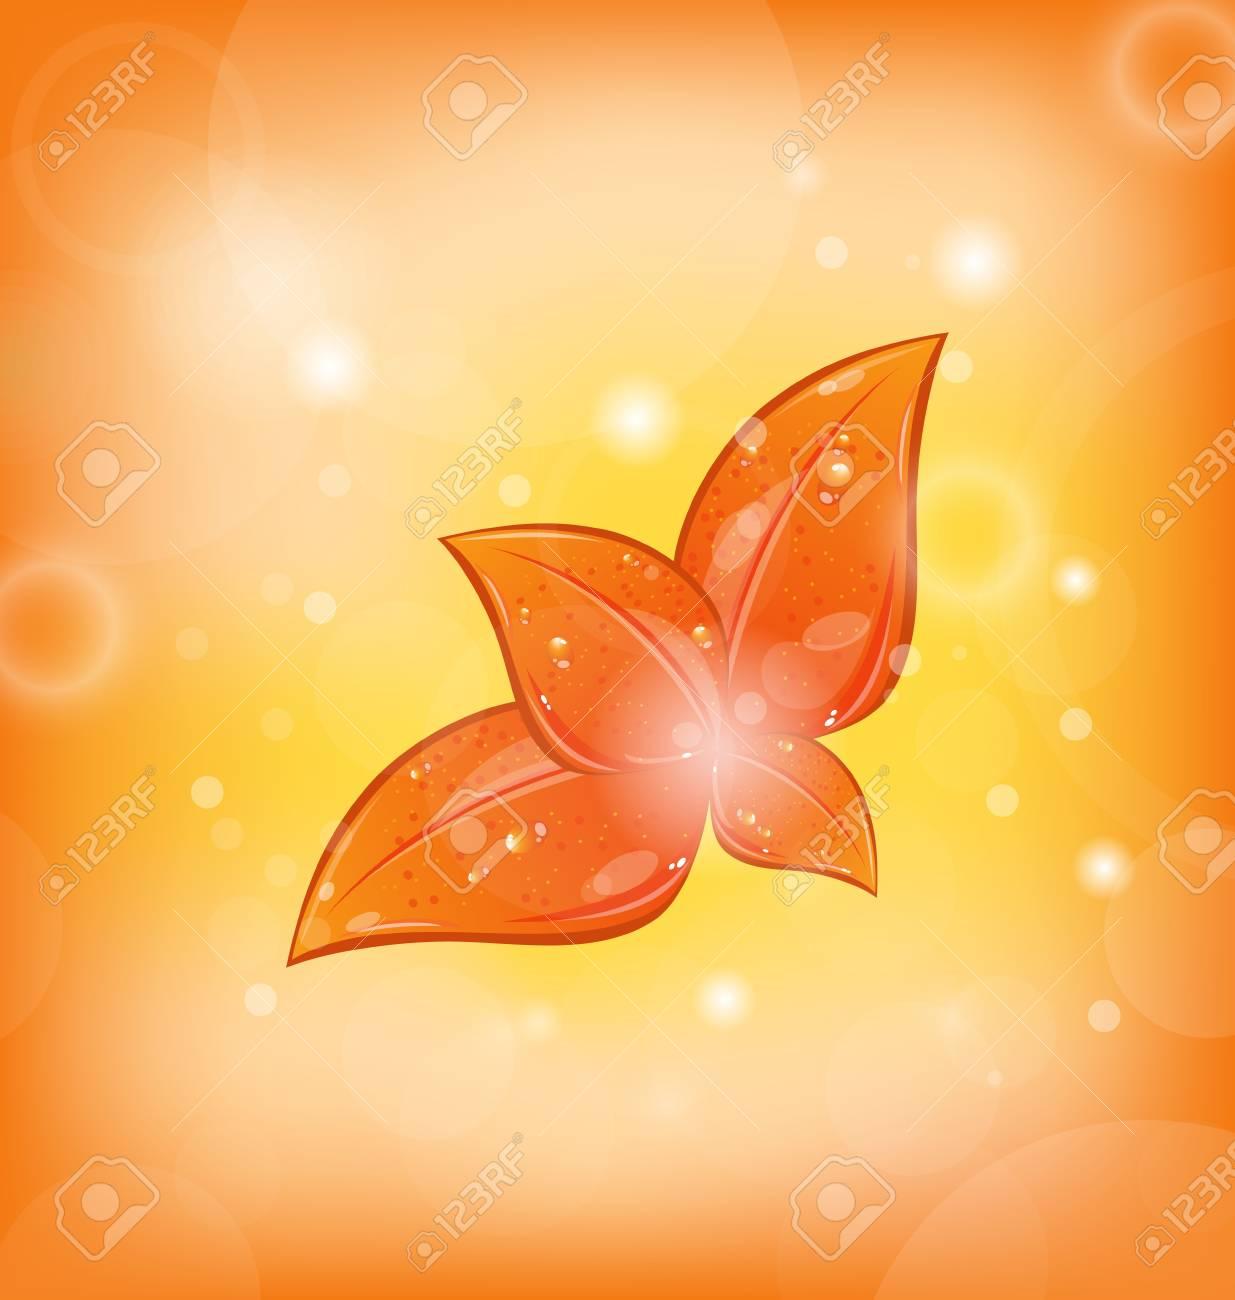 Illustration autumnal background with set orange leaves Stock Photo - 15125371